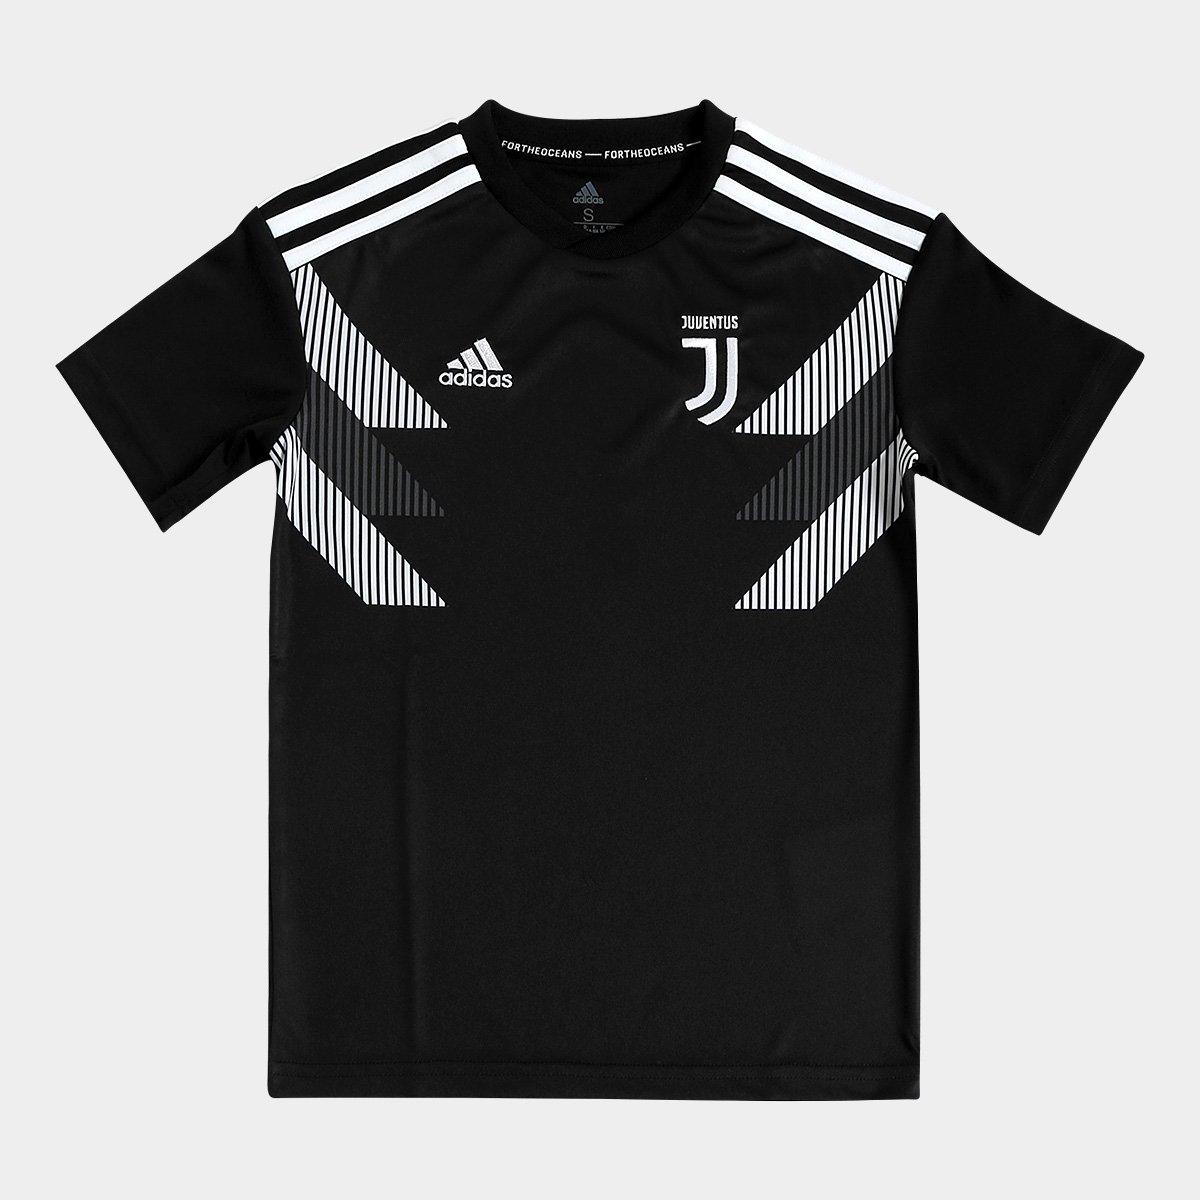 3f5f00360d582 Camisa Juventus Infantil Pré-Jogo Adidas | Livelo -Sua Vida com Mais ...